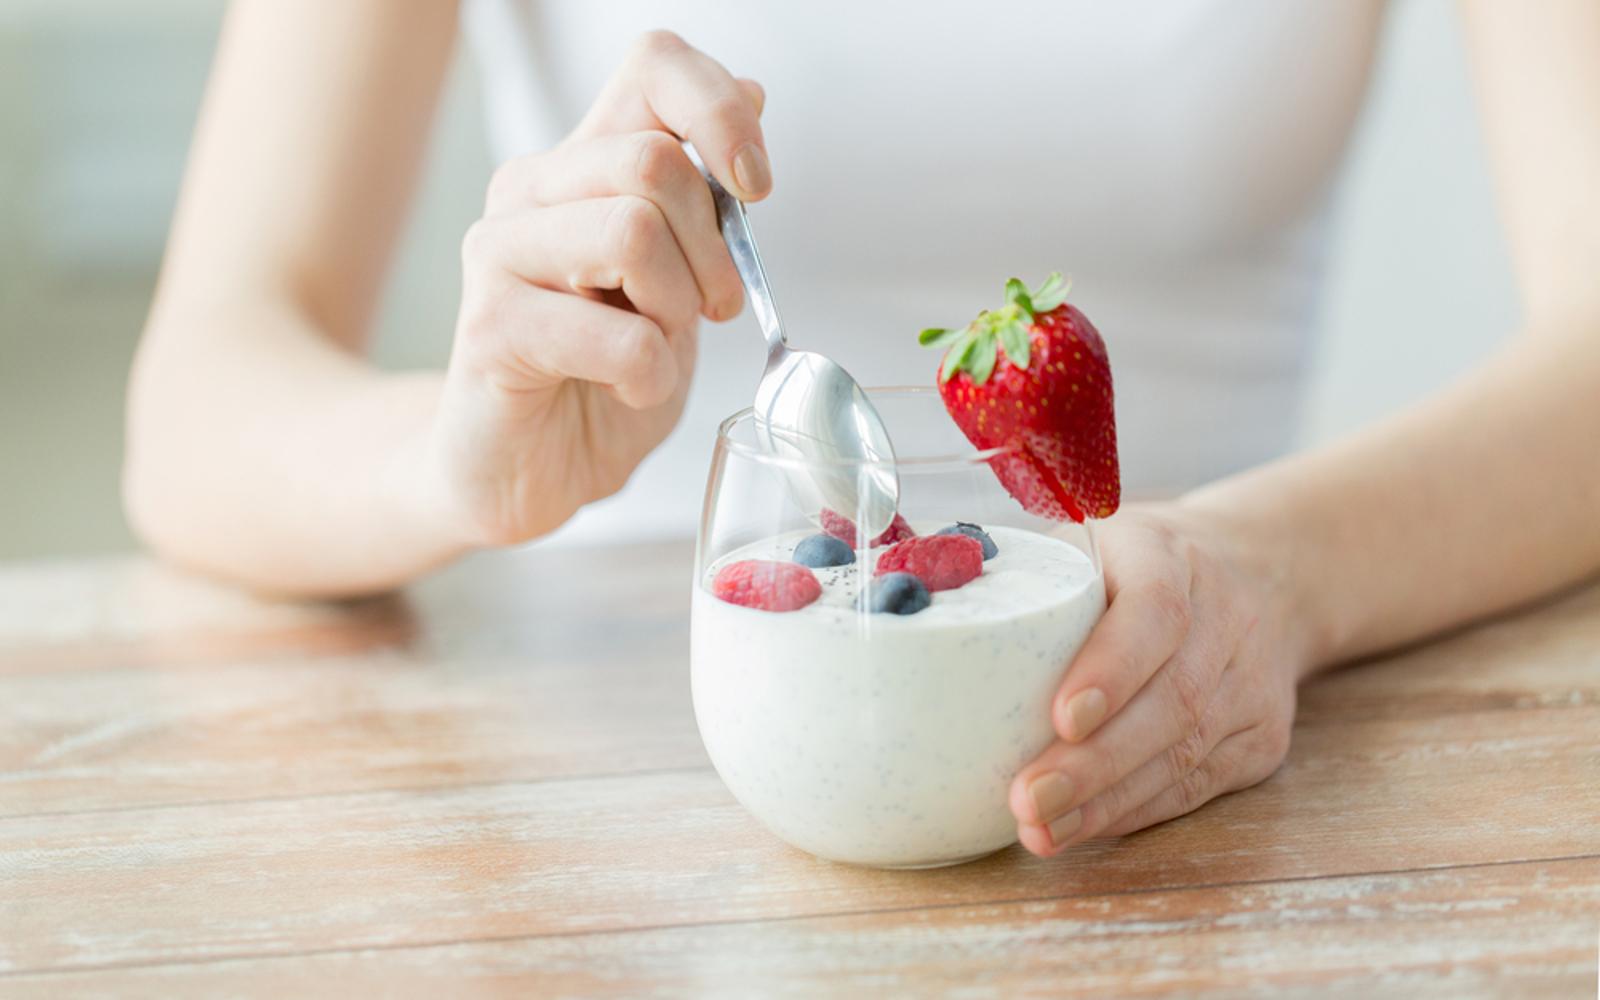 Woman with vegan yogurt and fresh strawberries